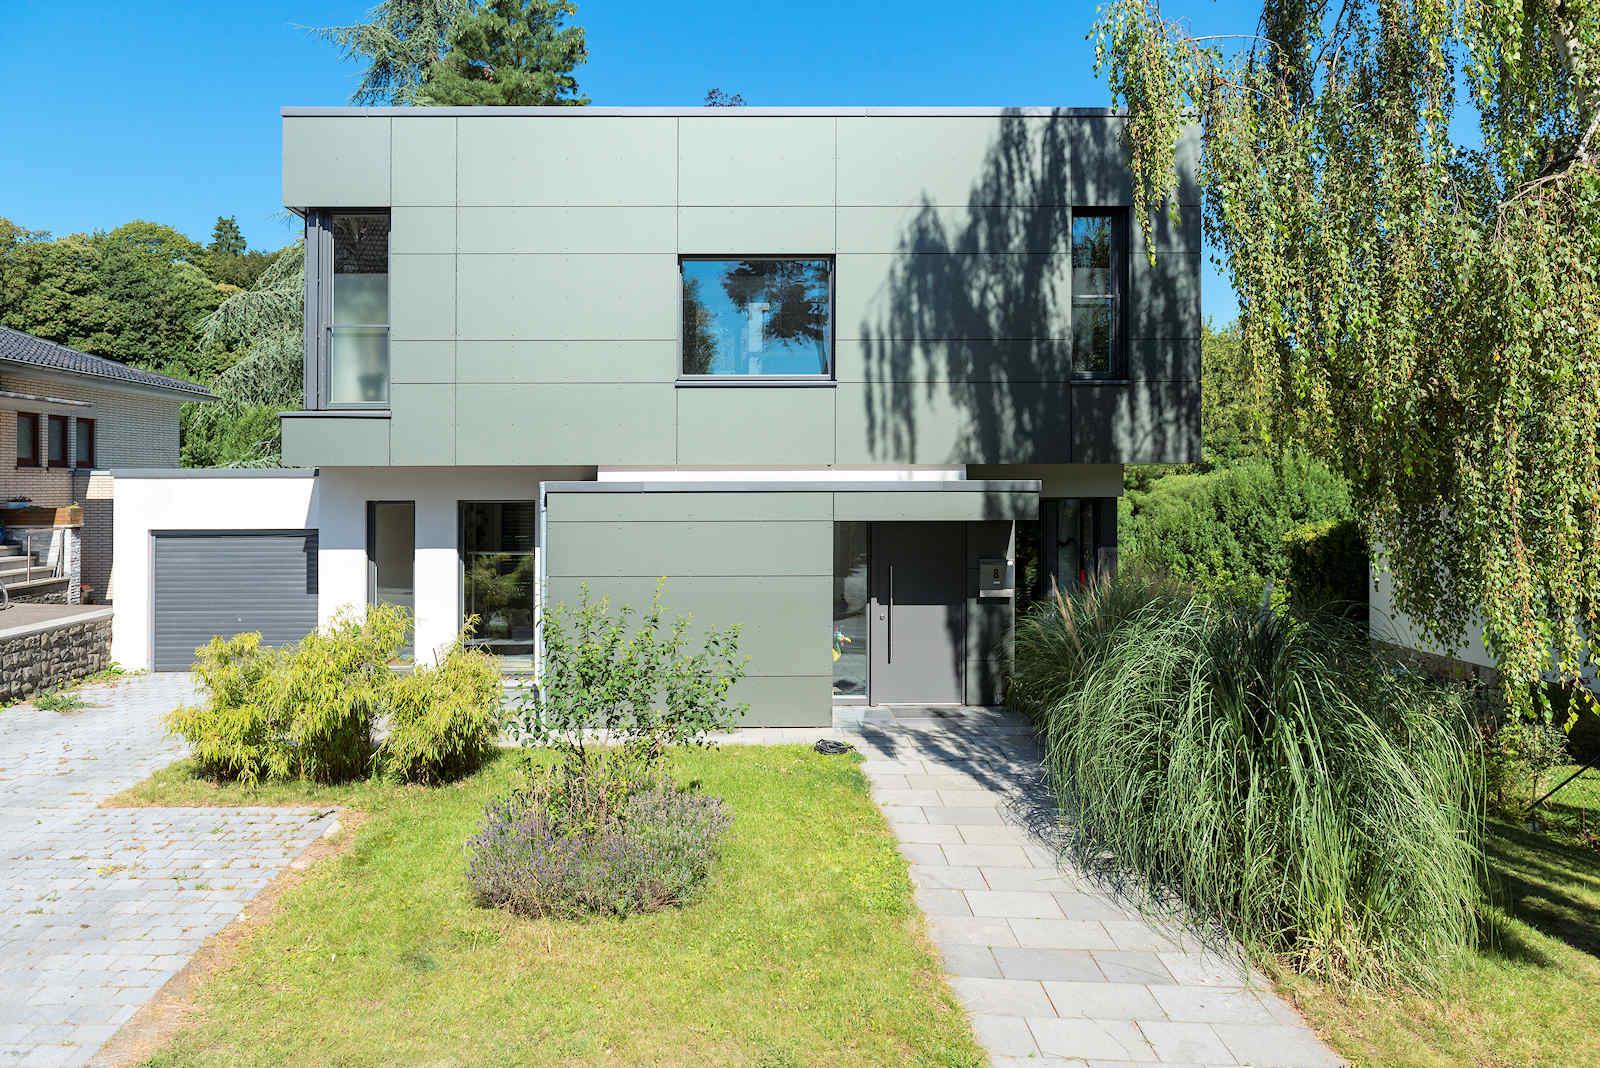 Passivhaus mit Fassade aus ebenen farbigen Platten